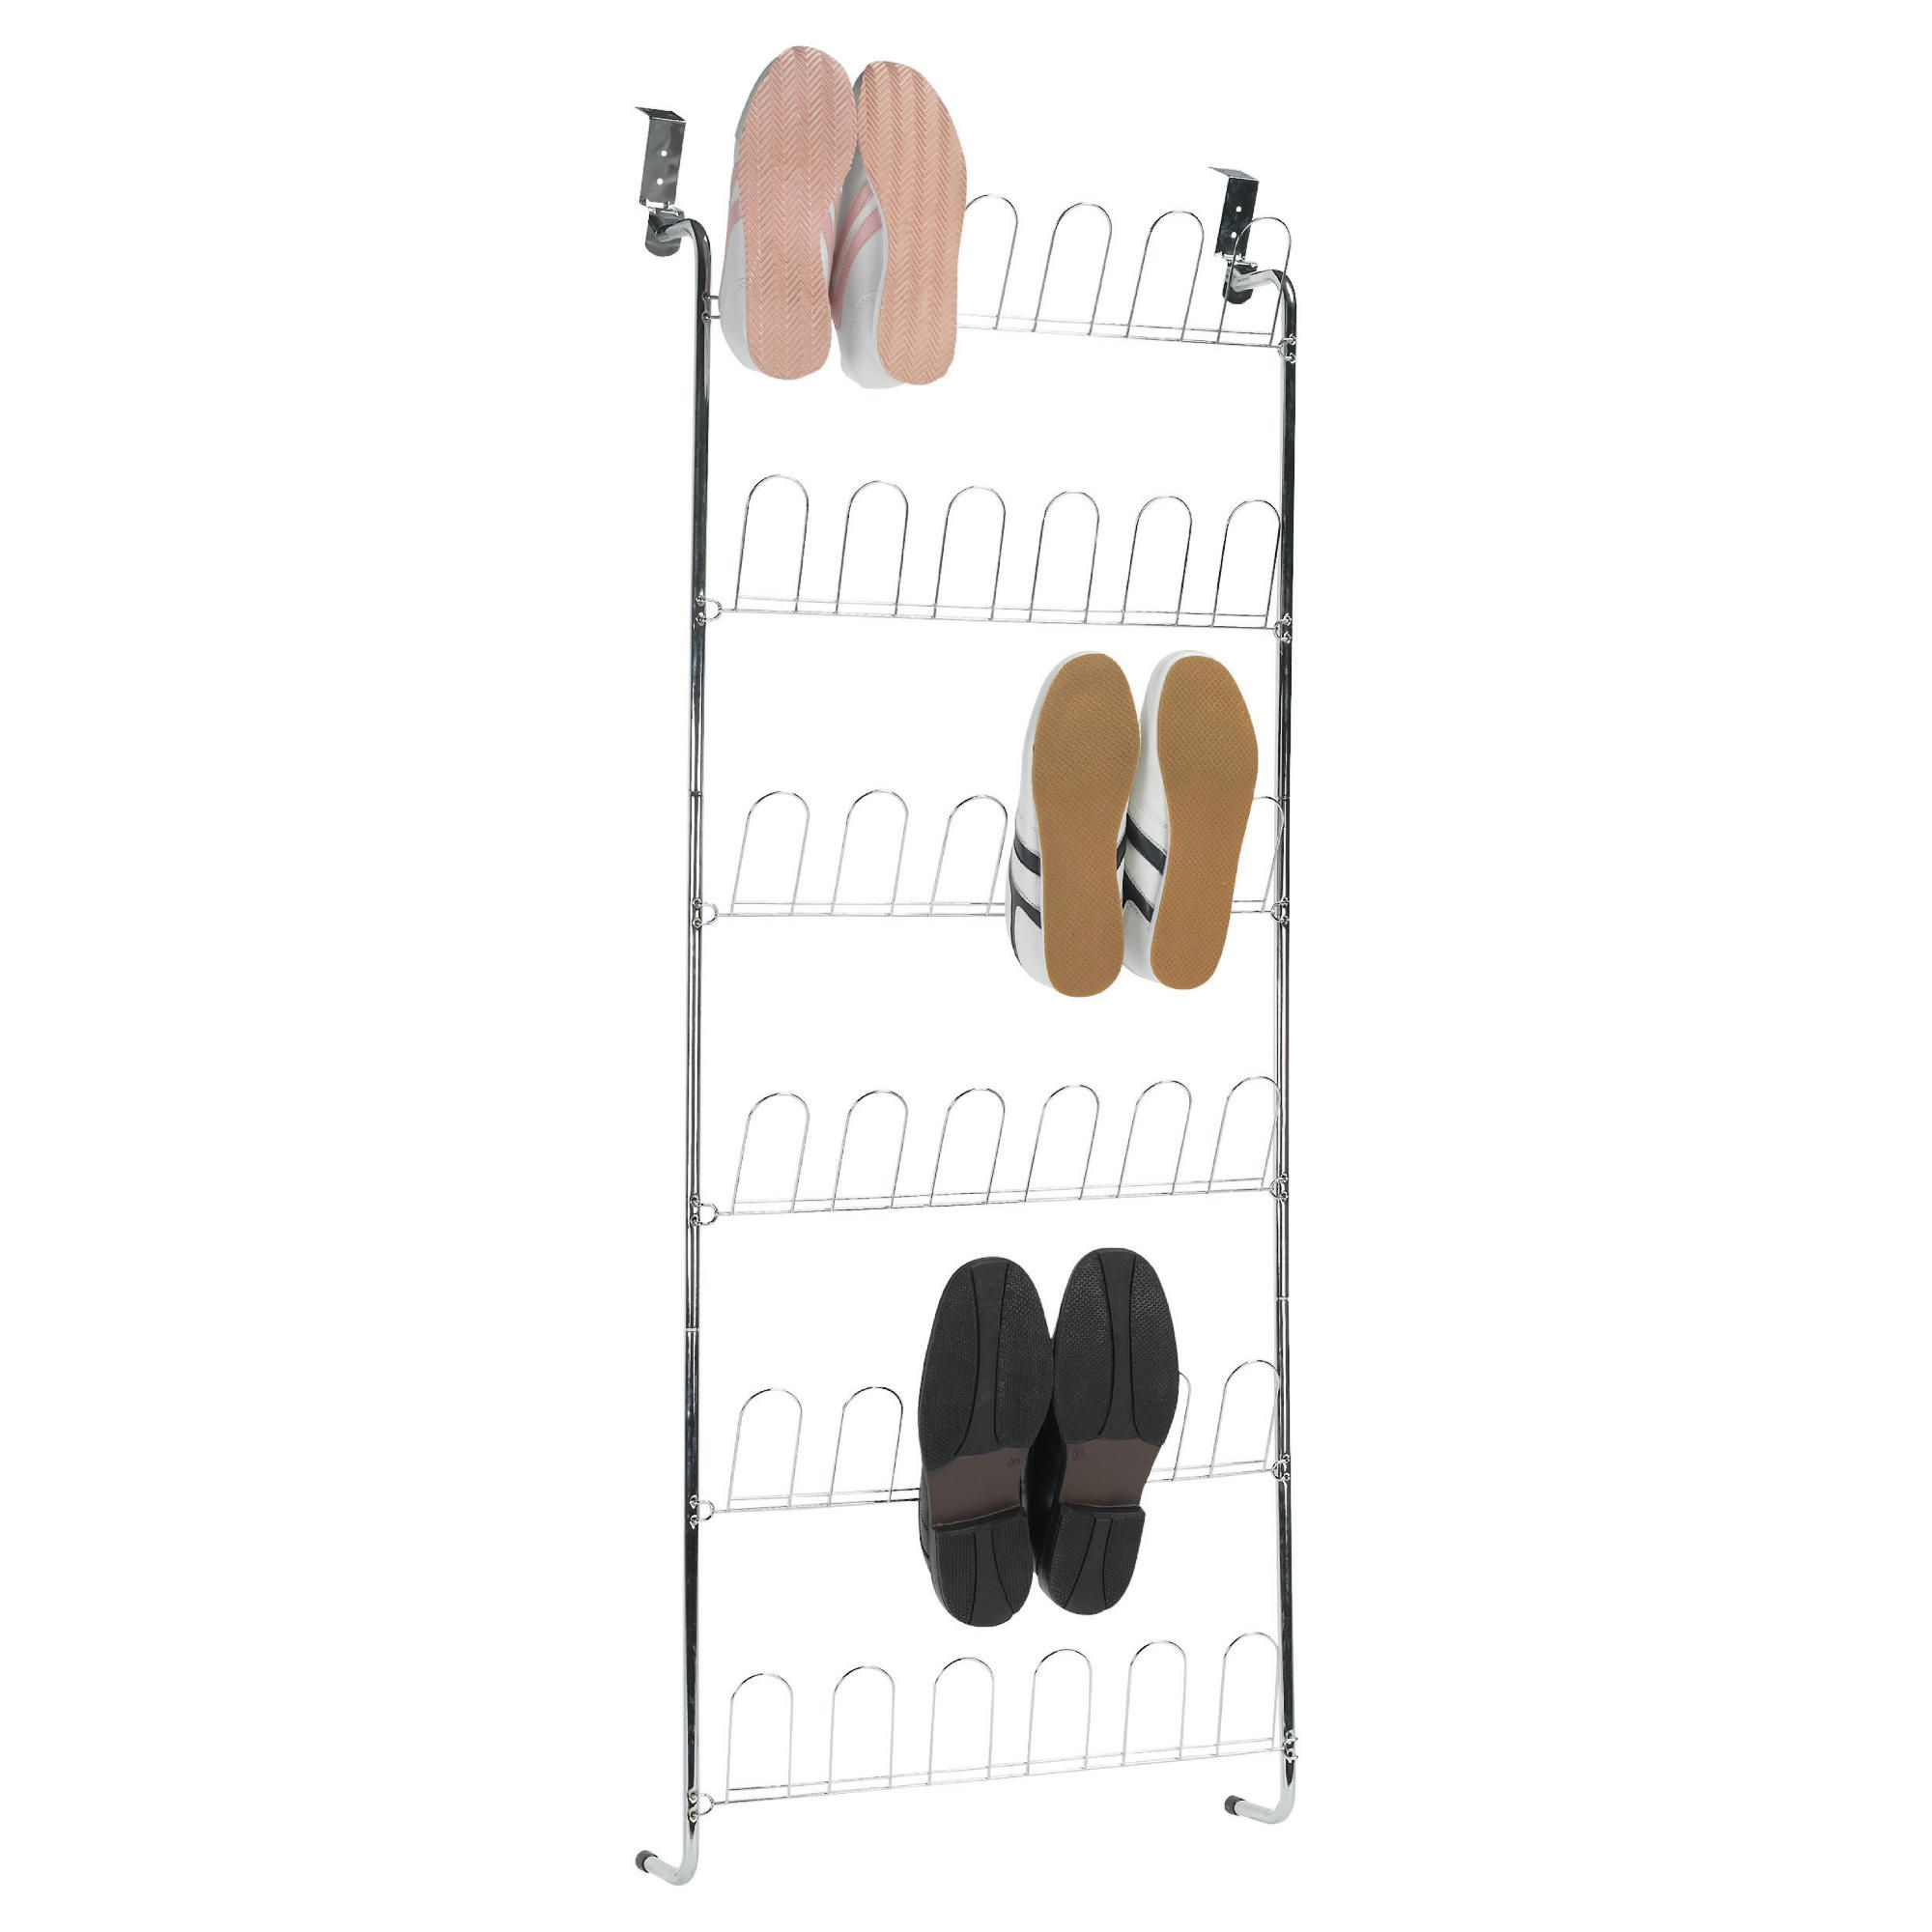 Other Over the door shoe rack